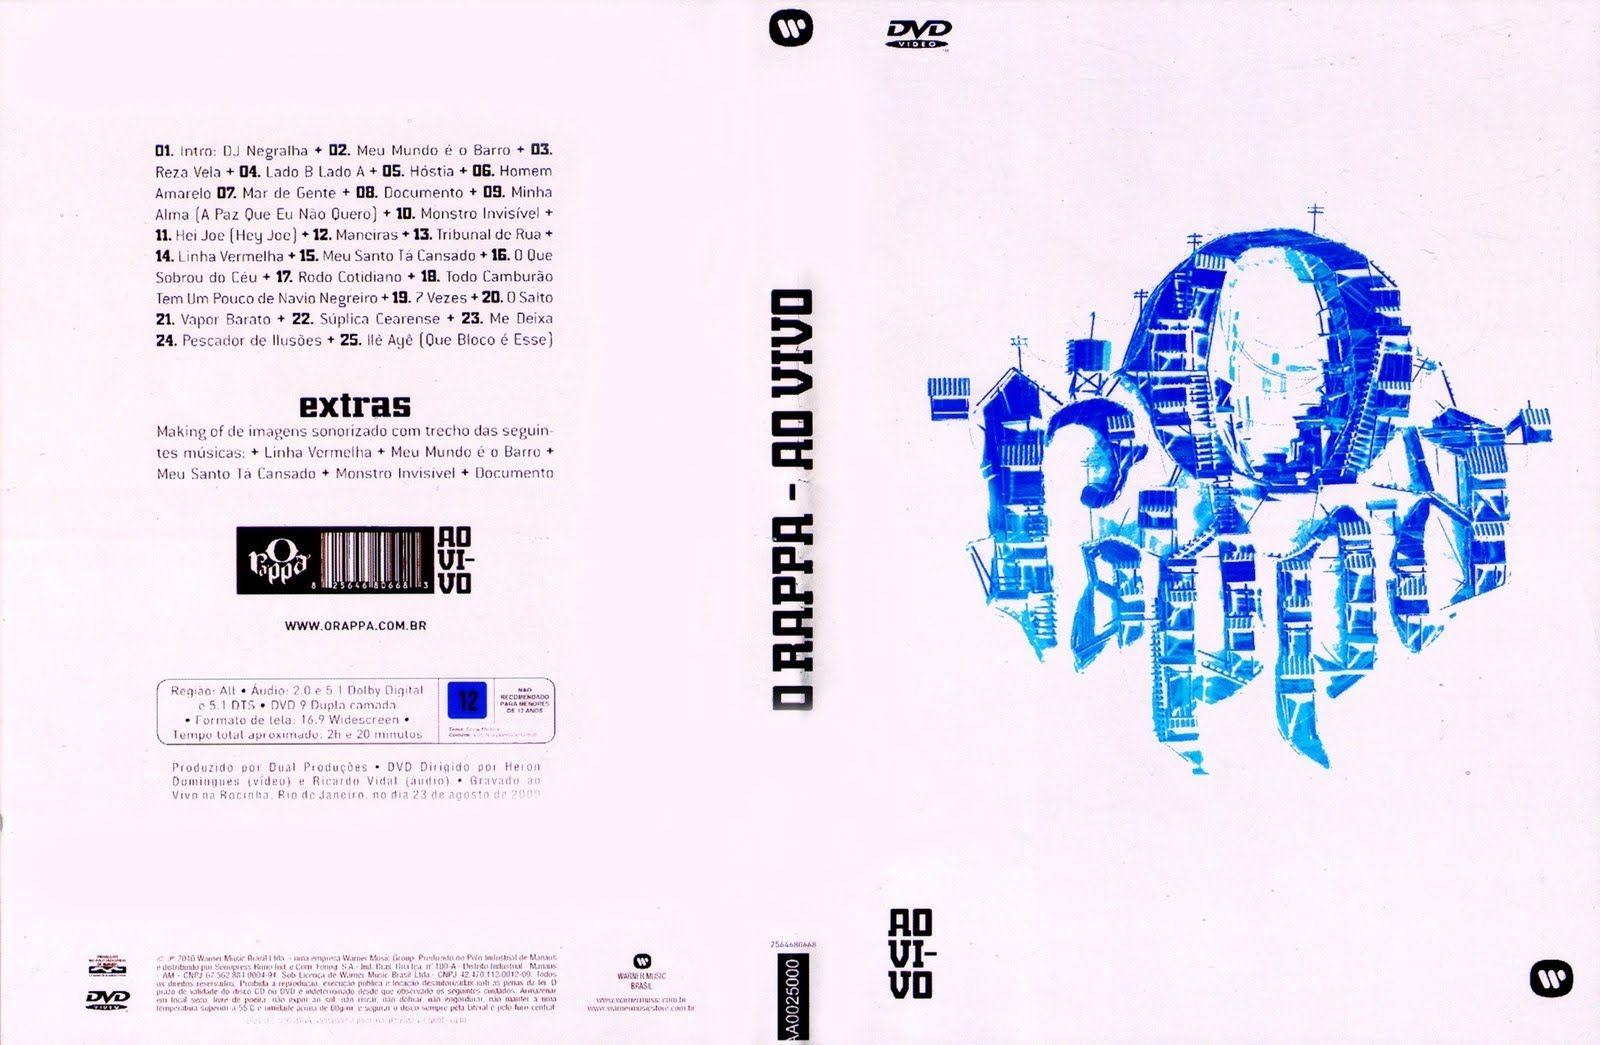 dvd do o rappa - ao vivo na rocinha